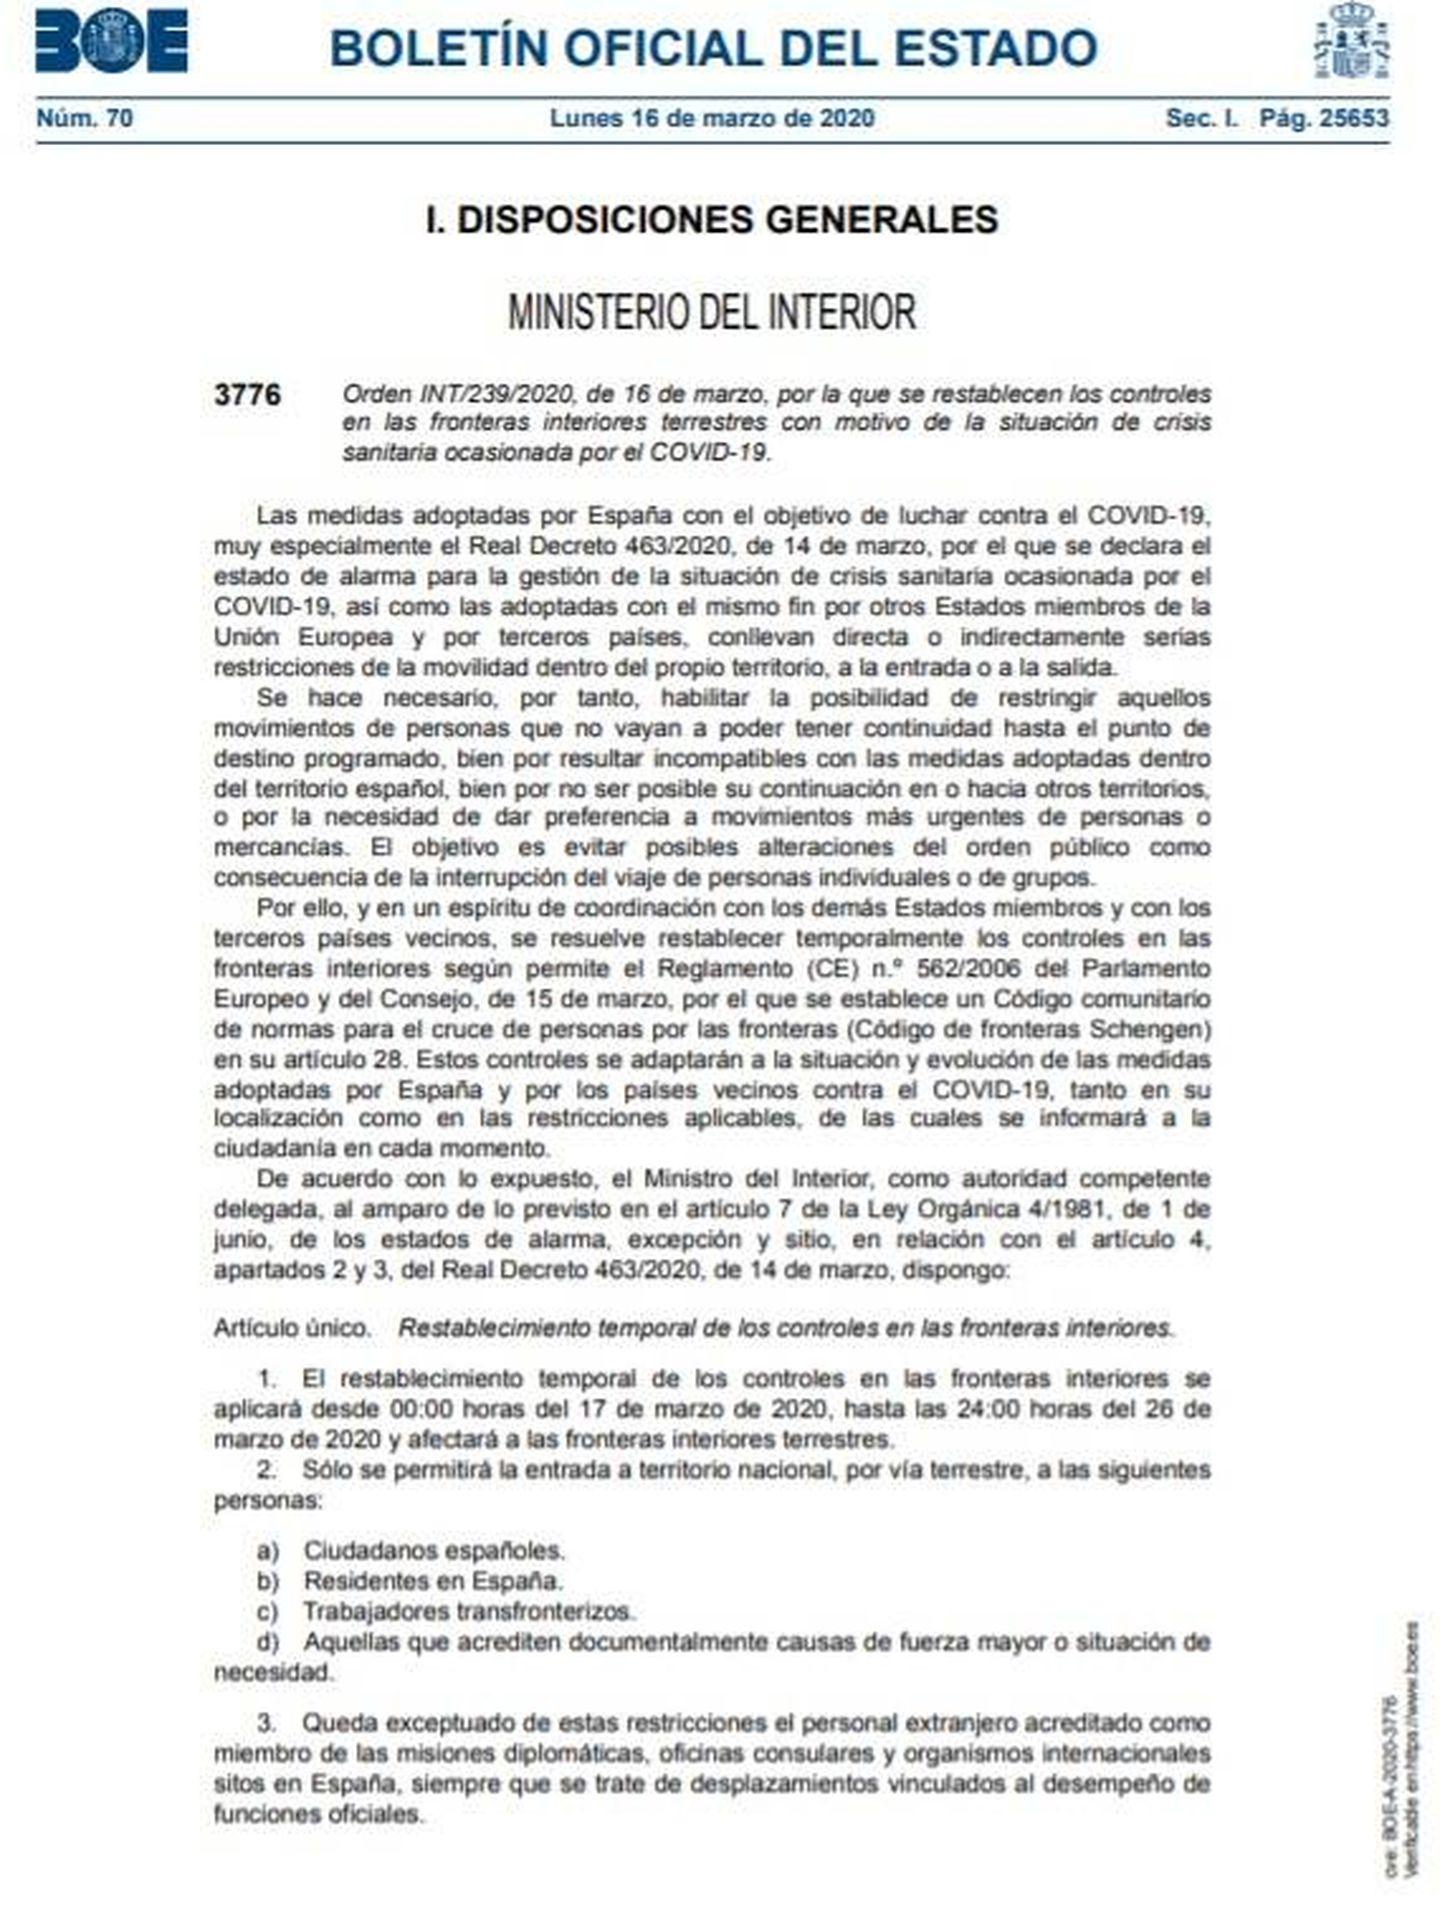 Consulte aquí el PDF de la orden de Interior de restablecimiento temporal de los controles de las fronteras interiores.